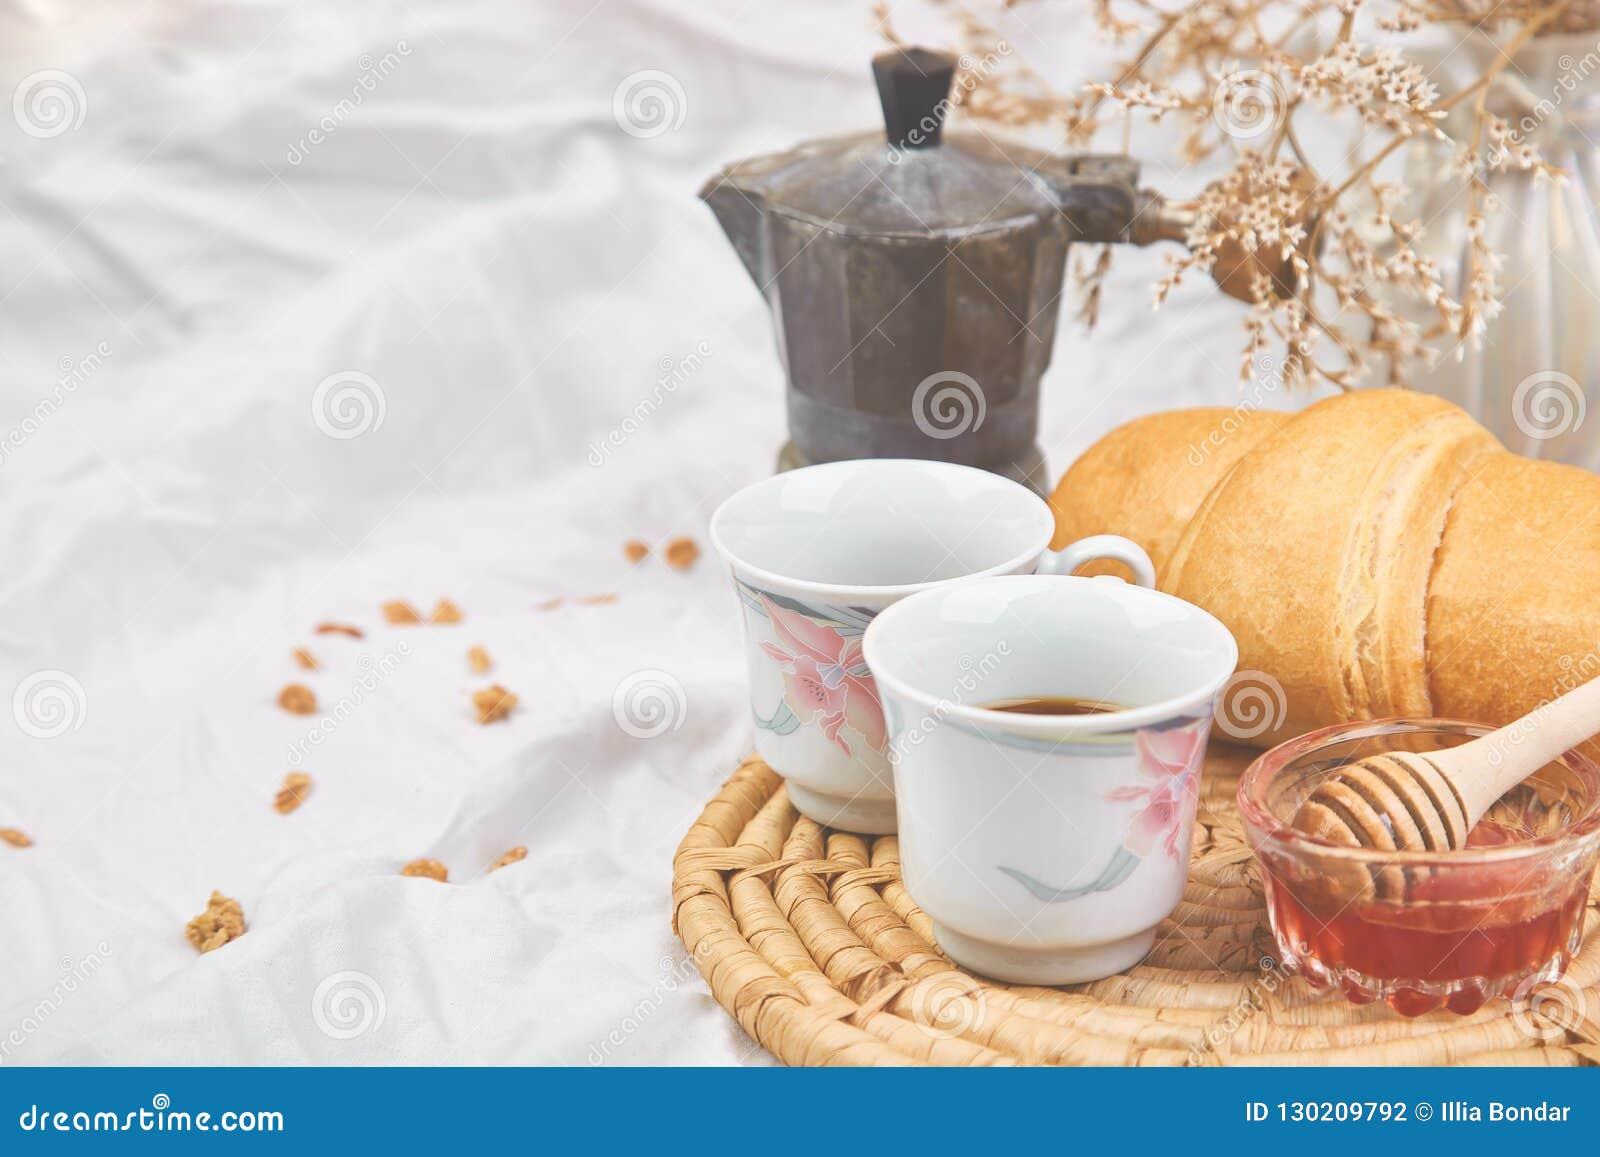 Guten Morgen Zwei Tasse Kaffee Mit Hörnchen Und Stau